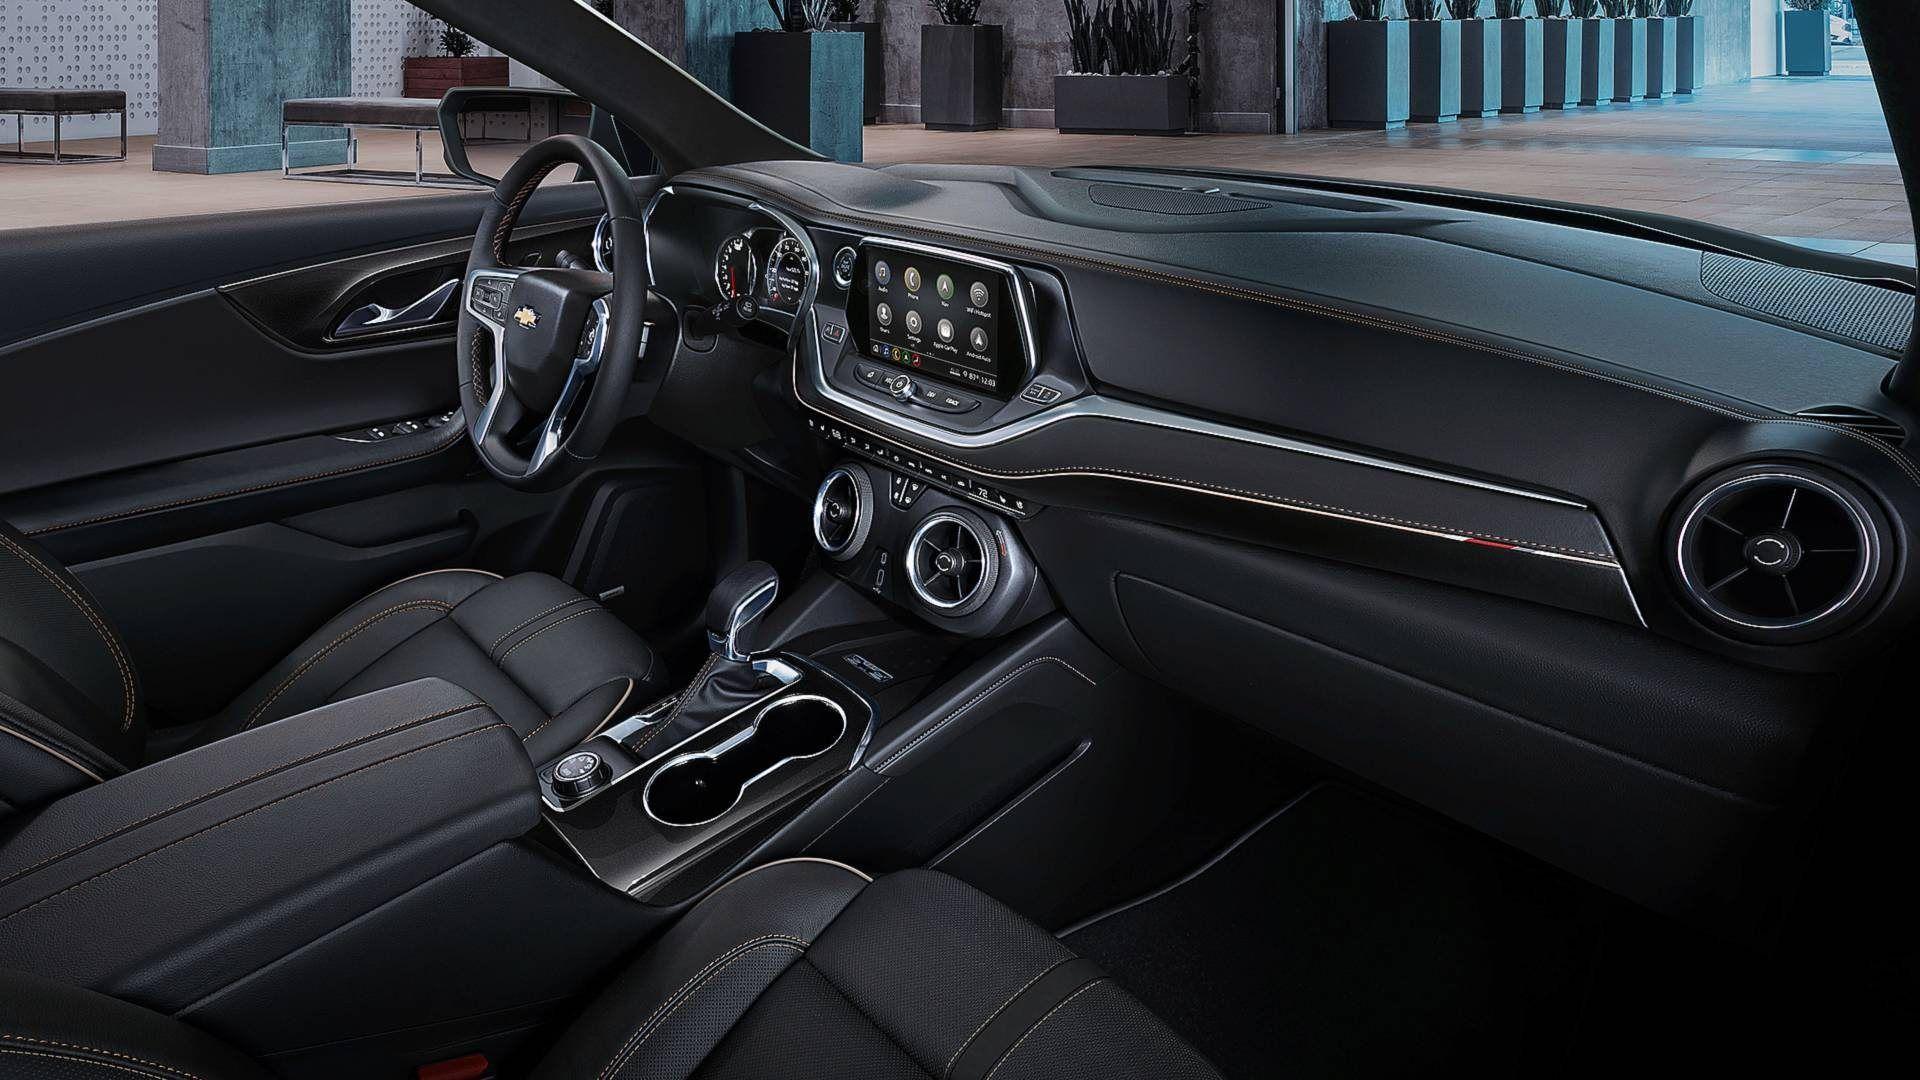 2020 Chevy Blazer Pictures In 2020 Chevrolet Blazer Chevrolet